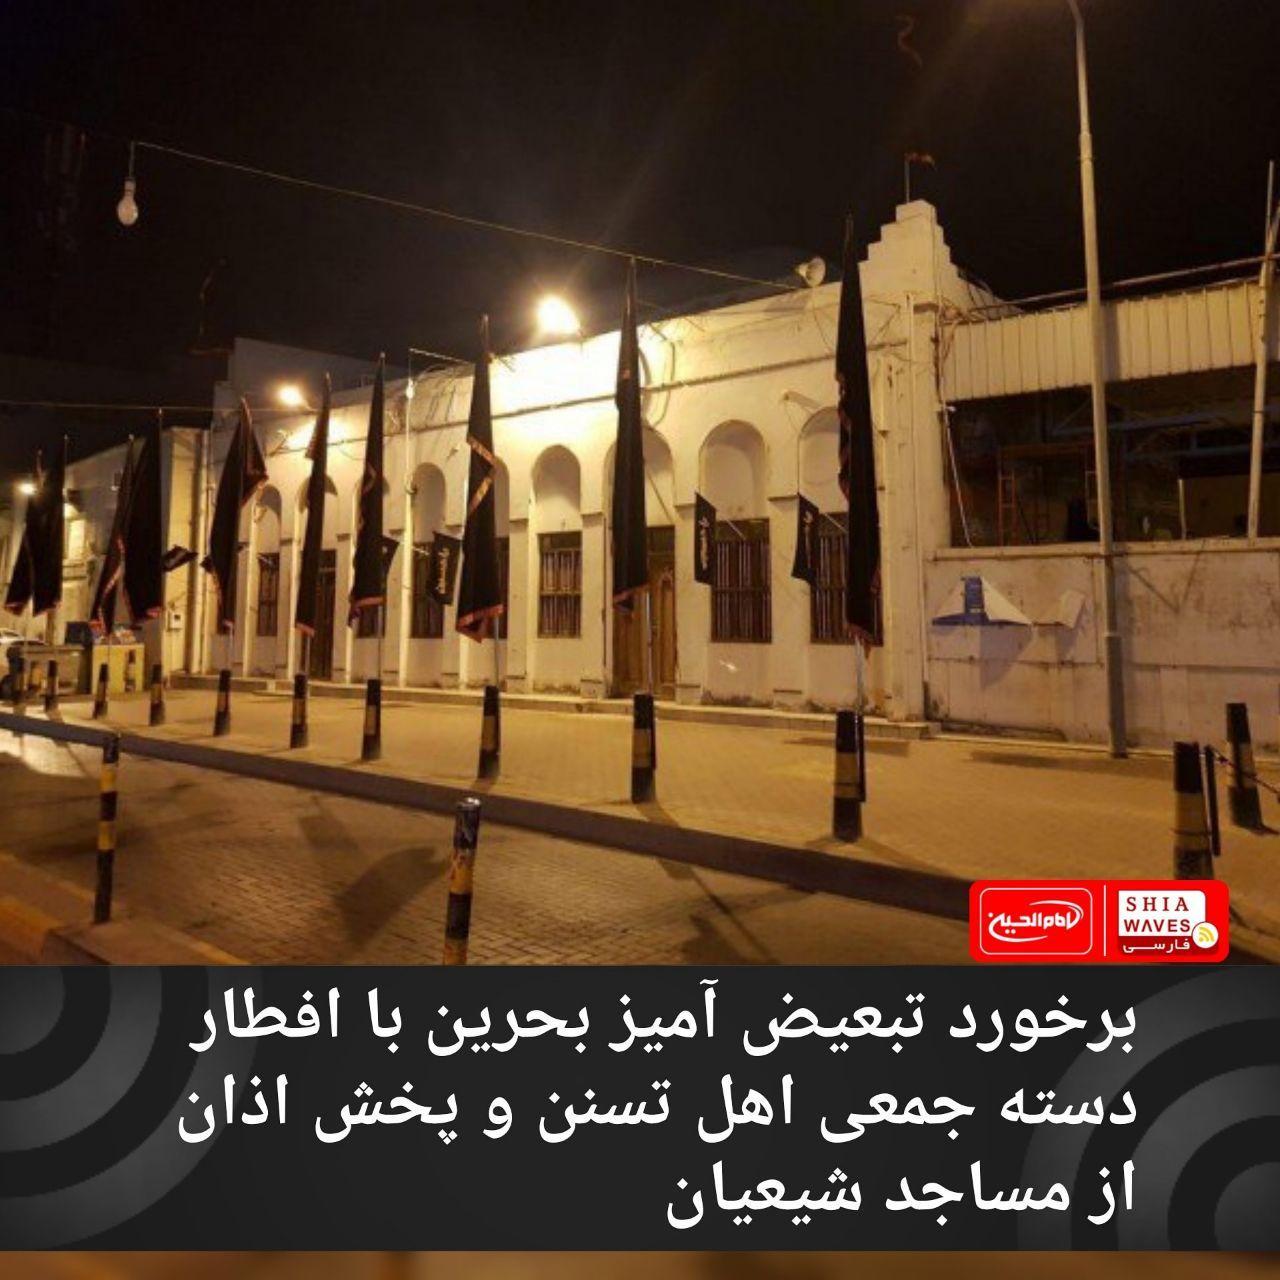 تصویر برخورد تبعیض آمیز بحرین با افطار دسته جمعی اهل تسنن و پخش اذان از مساجد شیعیان